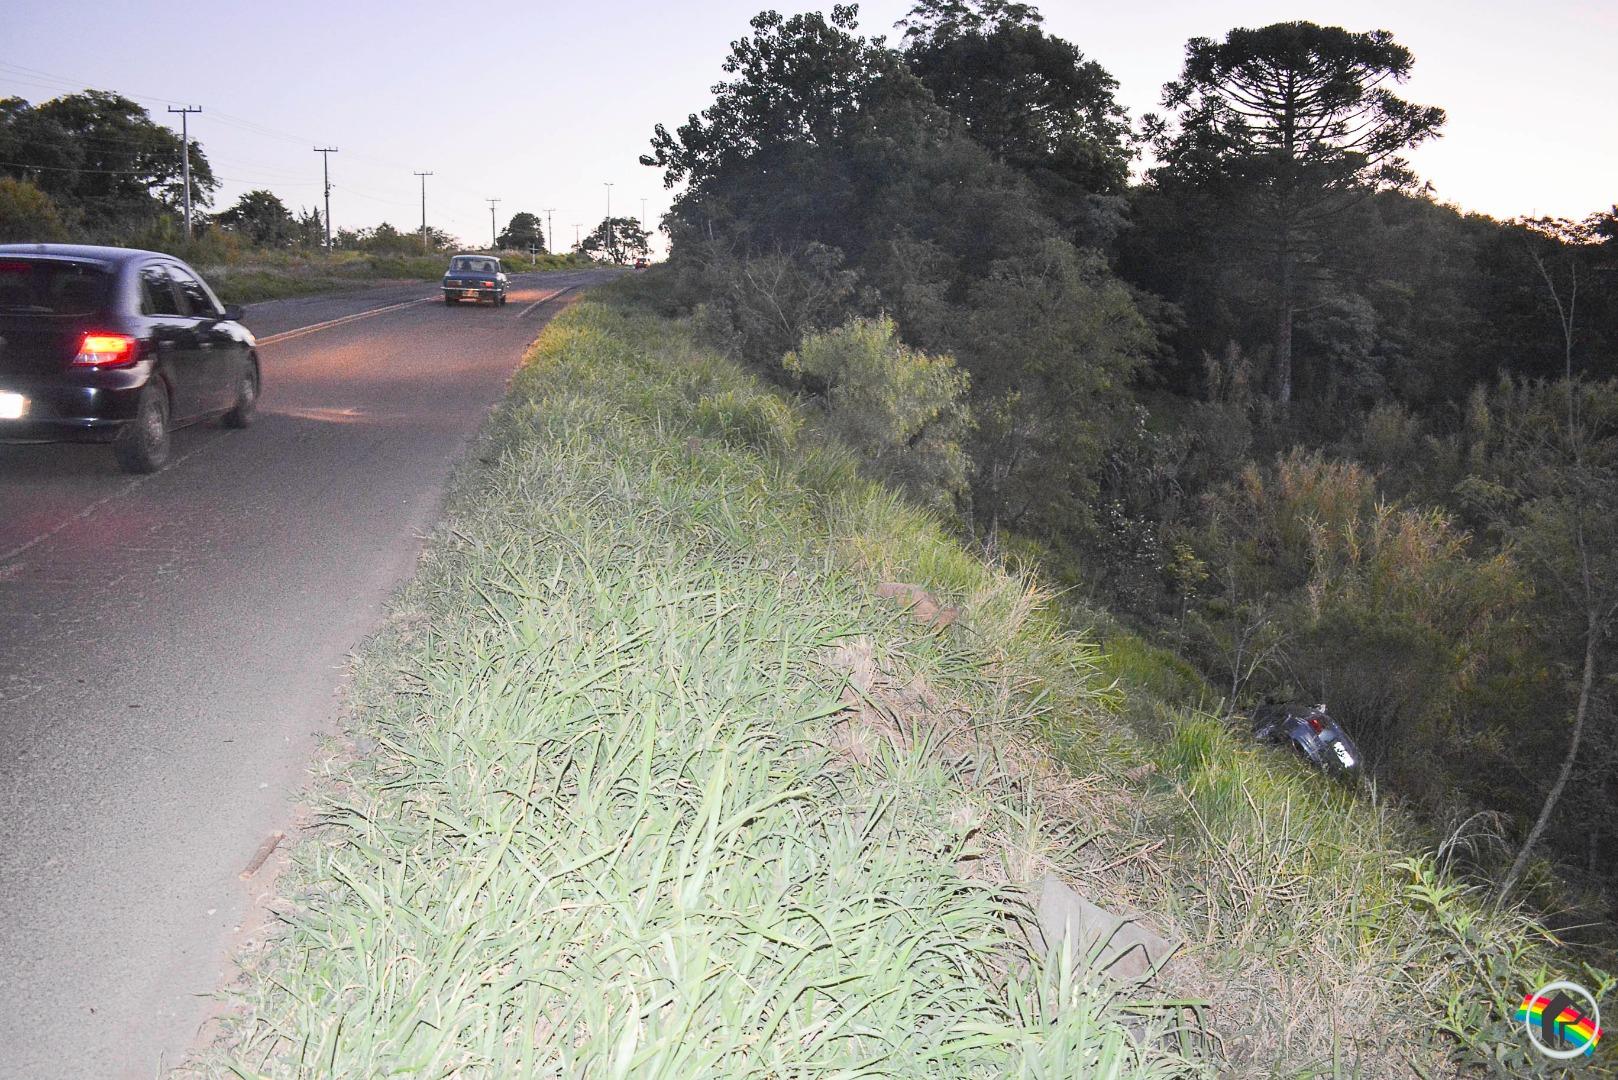 VÍDEO: Veículo sai da pista e cai em ribanceira na BR-163 em SMOeste